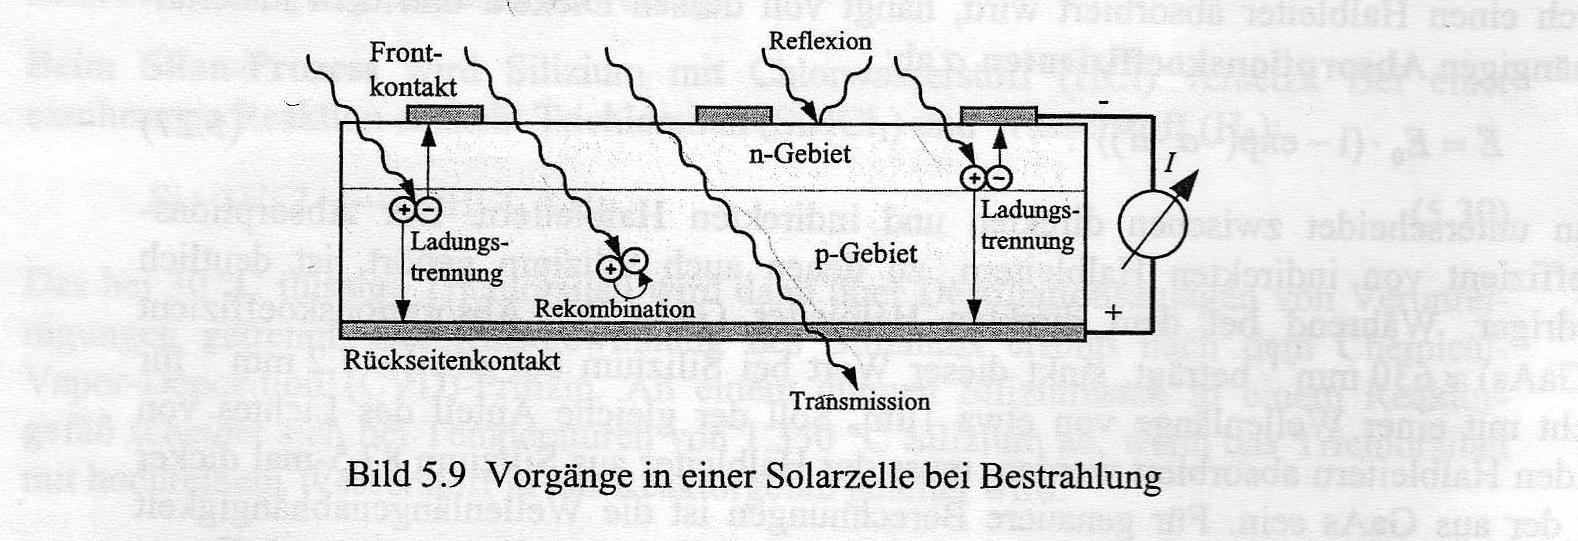 Diese Abbildung zeigt den Querschnitt einer Solarzelle mit dem ganzflächigen Rückseitenkontakt, dem Halbleiter bestehend aus p- und n-Gebiet und den frontseitig angebrachten Fingerkontakten